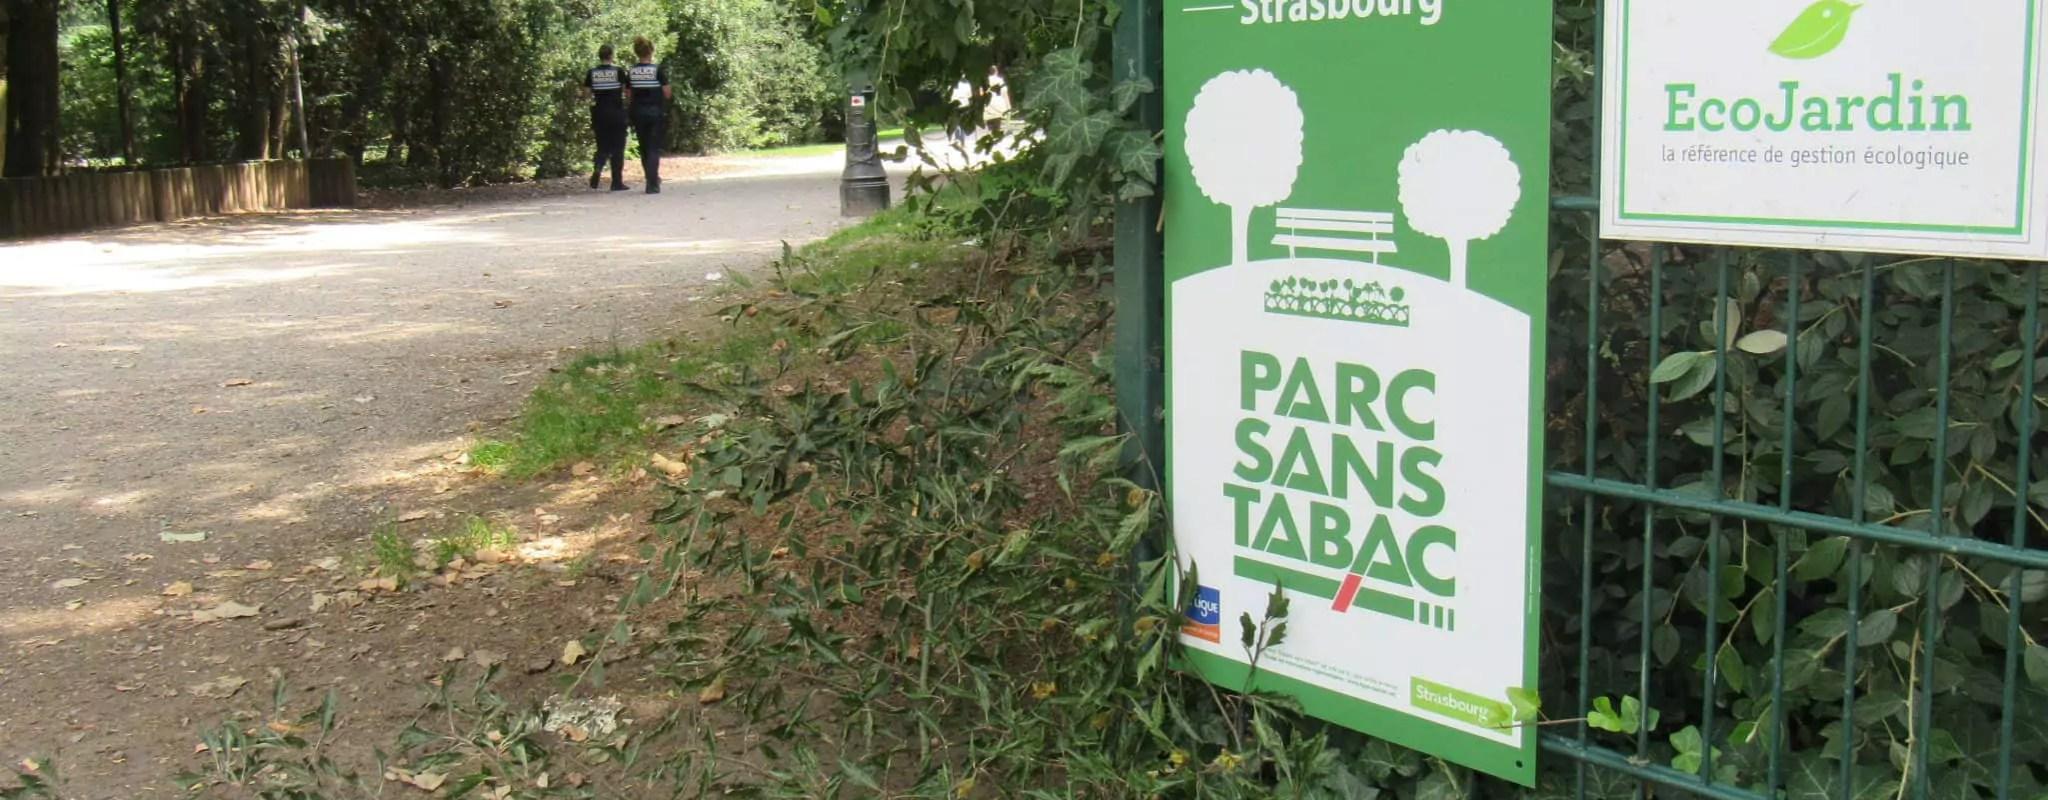 Où les fumeurs peuvent-ils encore s'en griller une tranquille à Strasbourg?